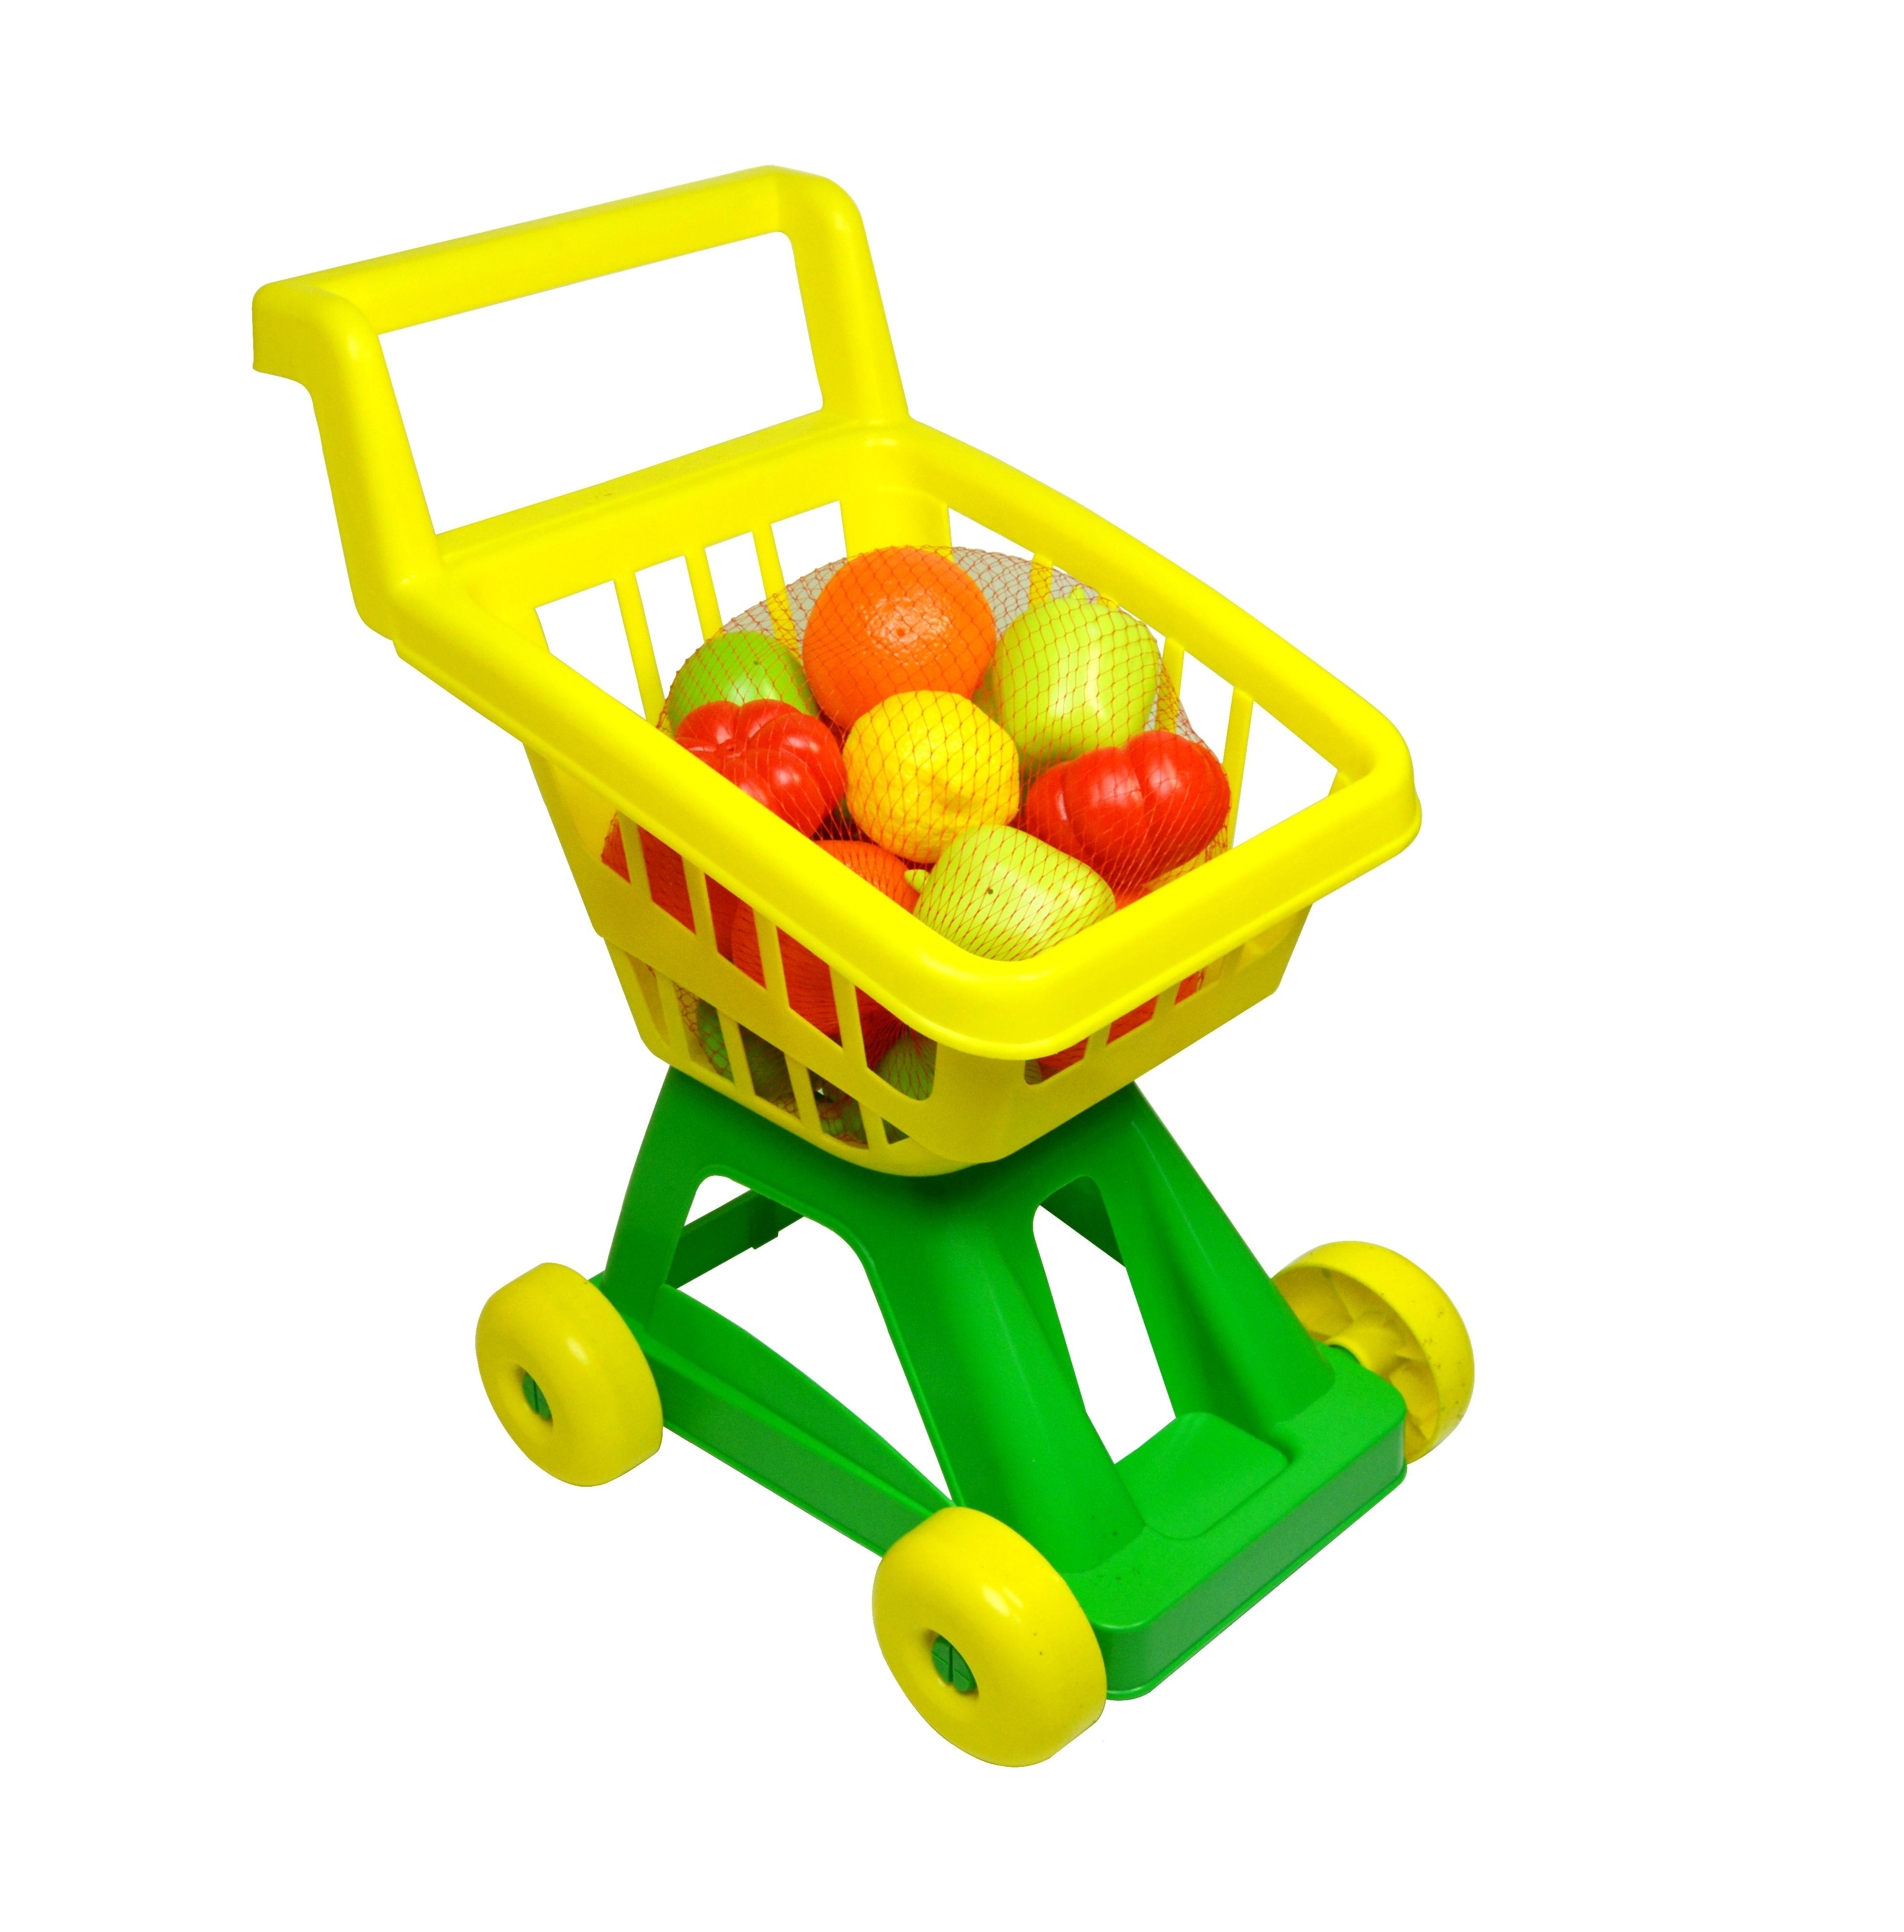 Игровые наборы Профессия Спектр Тележка из супермаркета с овощами и фруктами ролевые игры совтехстром тележка для супермаркета